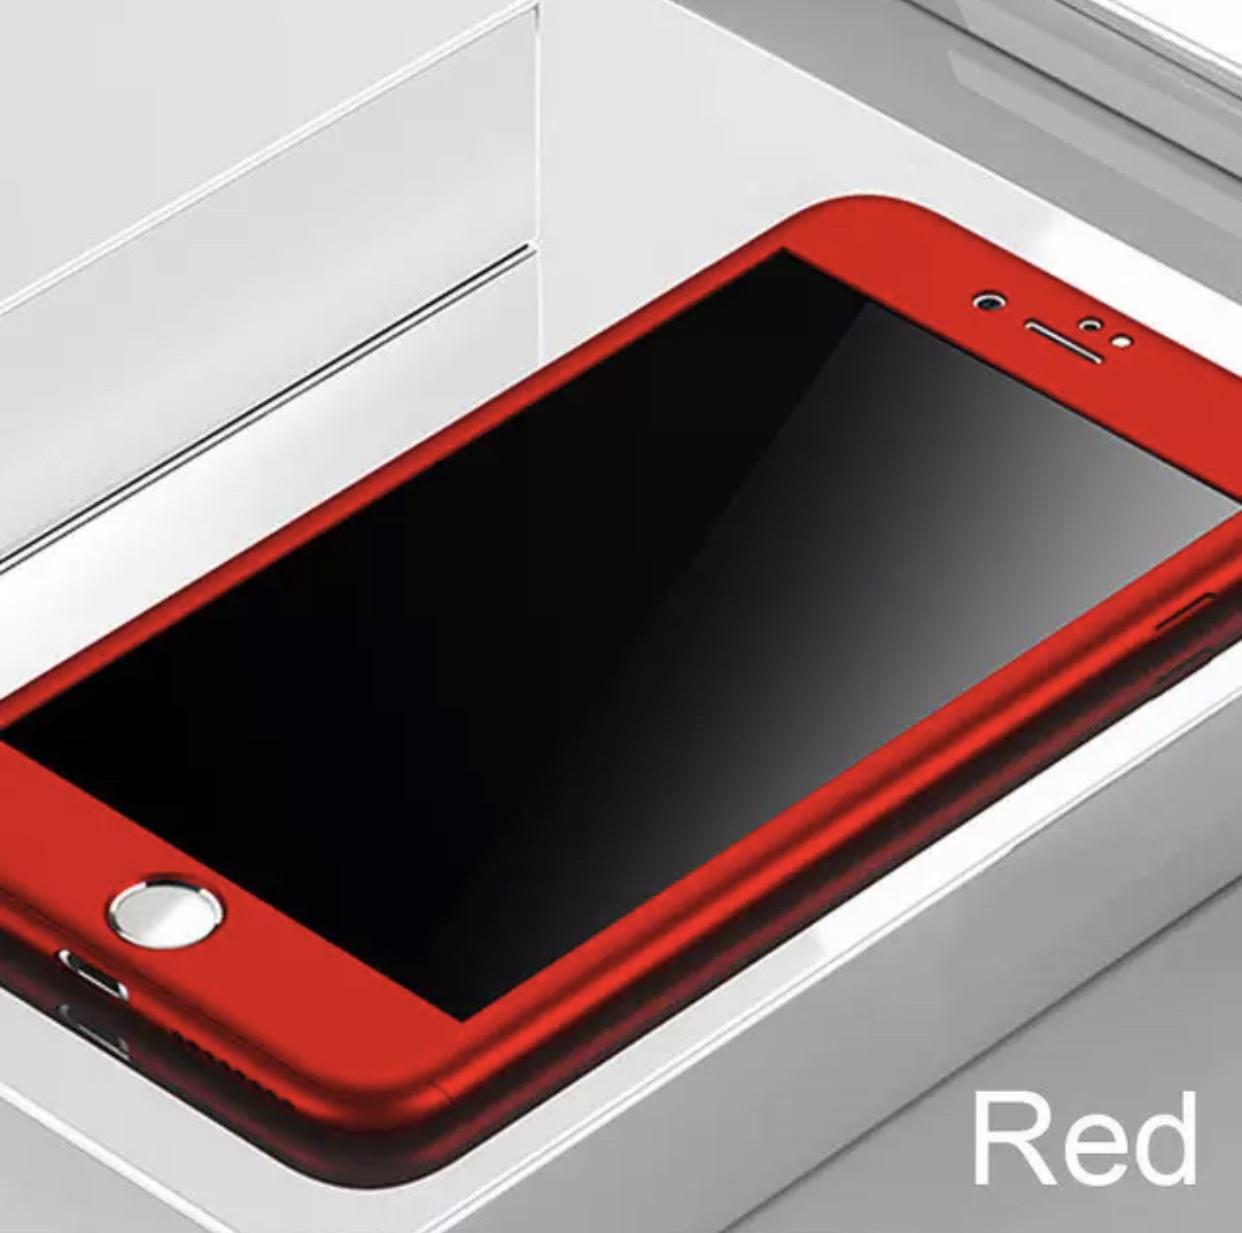 Протиударний чохол для IPhone 7 Plus/8 plus червоний + скло